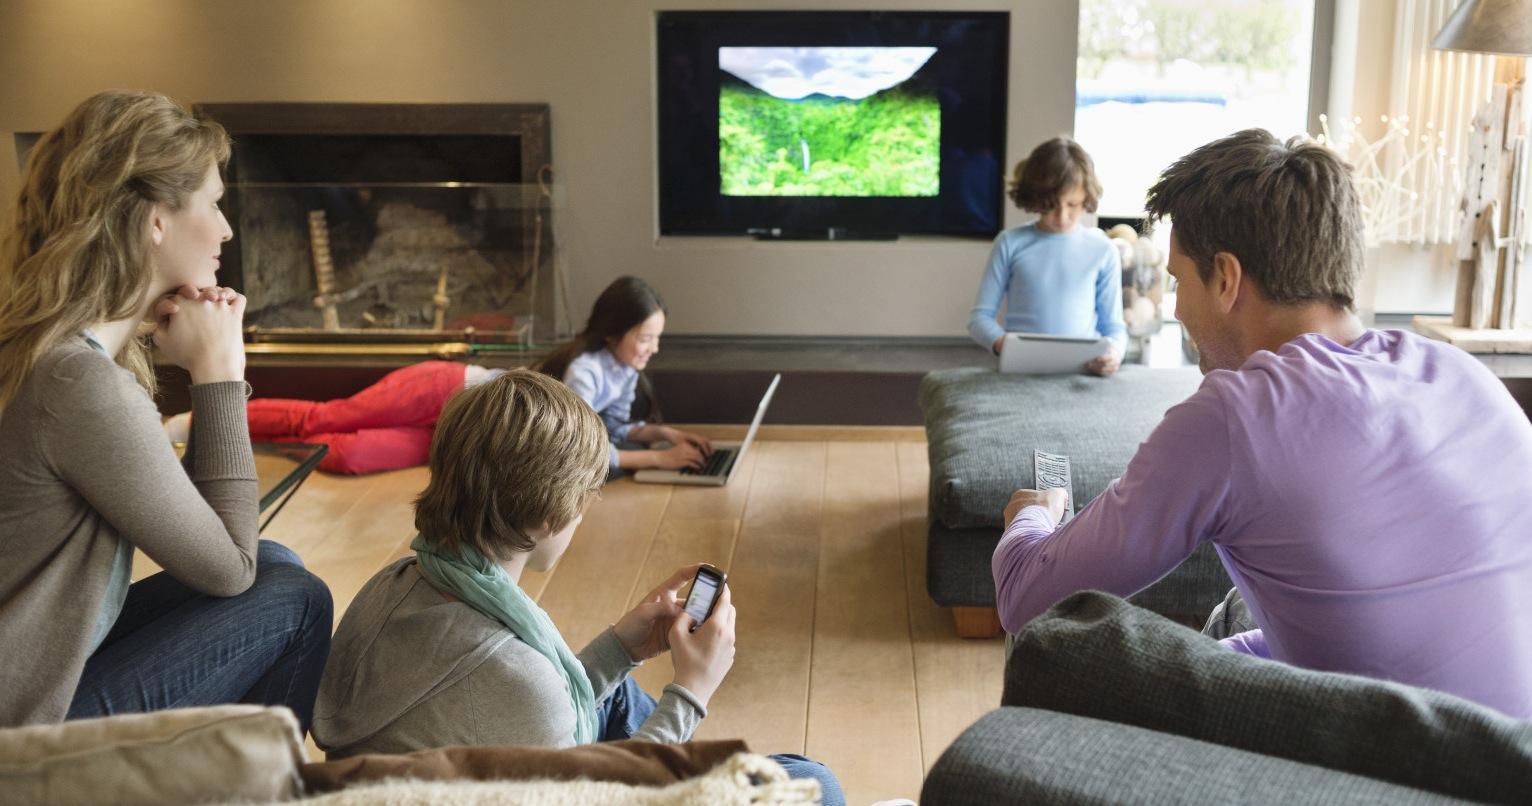 La déconnection envers autrui : malédiction du 21e siècle ! Tablette-tactile-ecran-TV